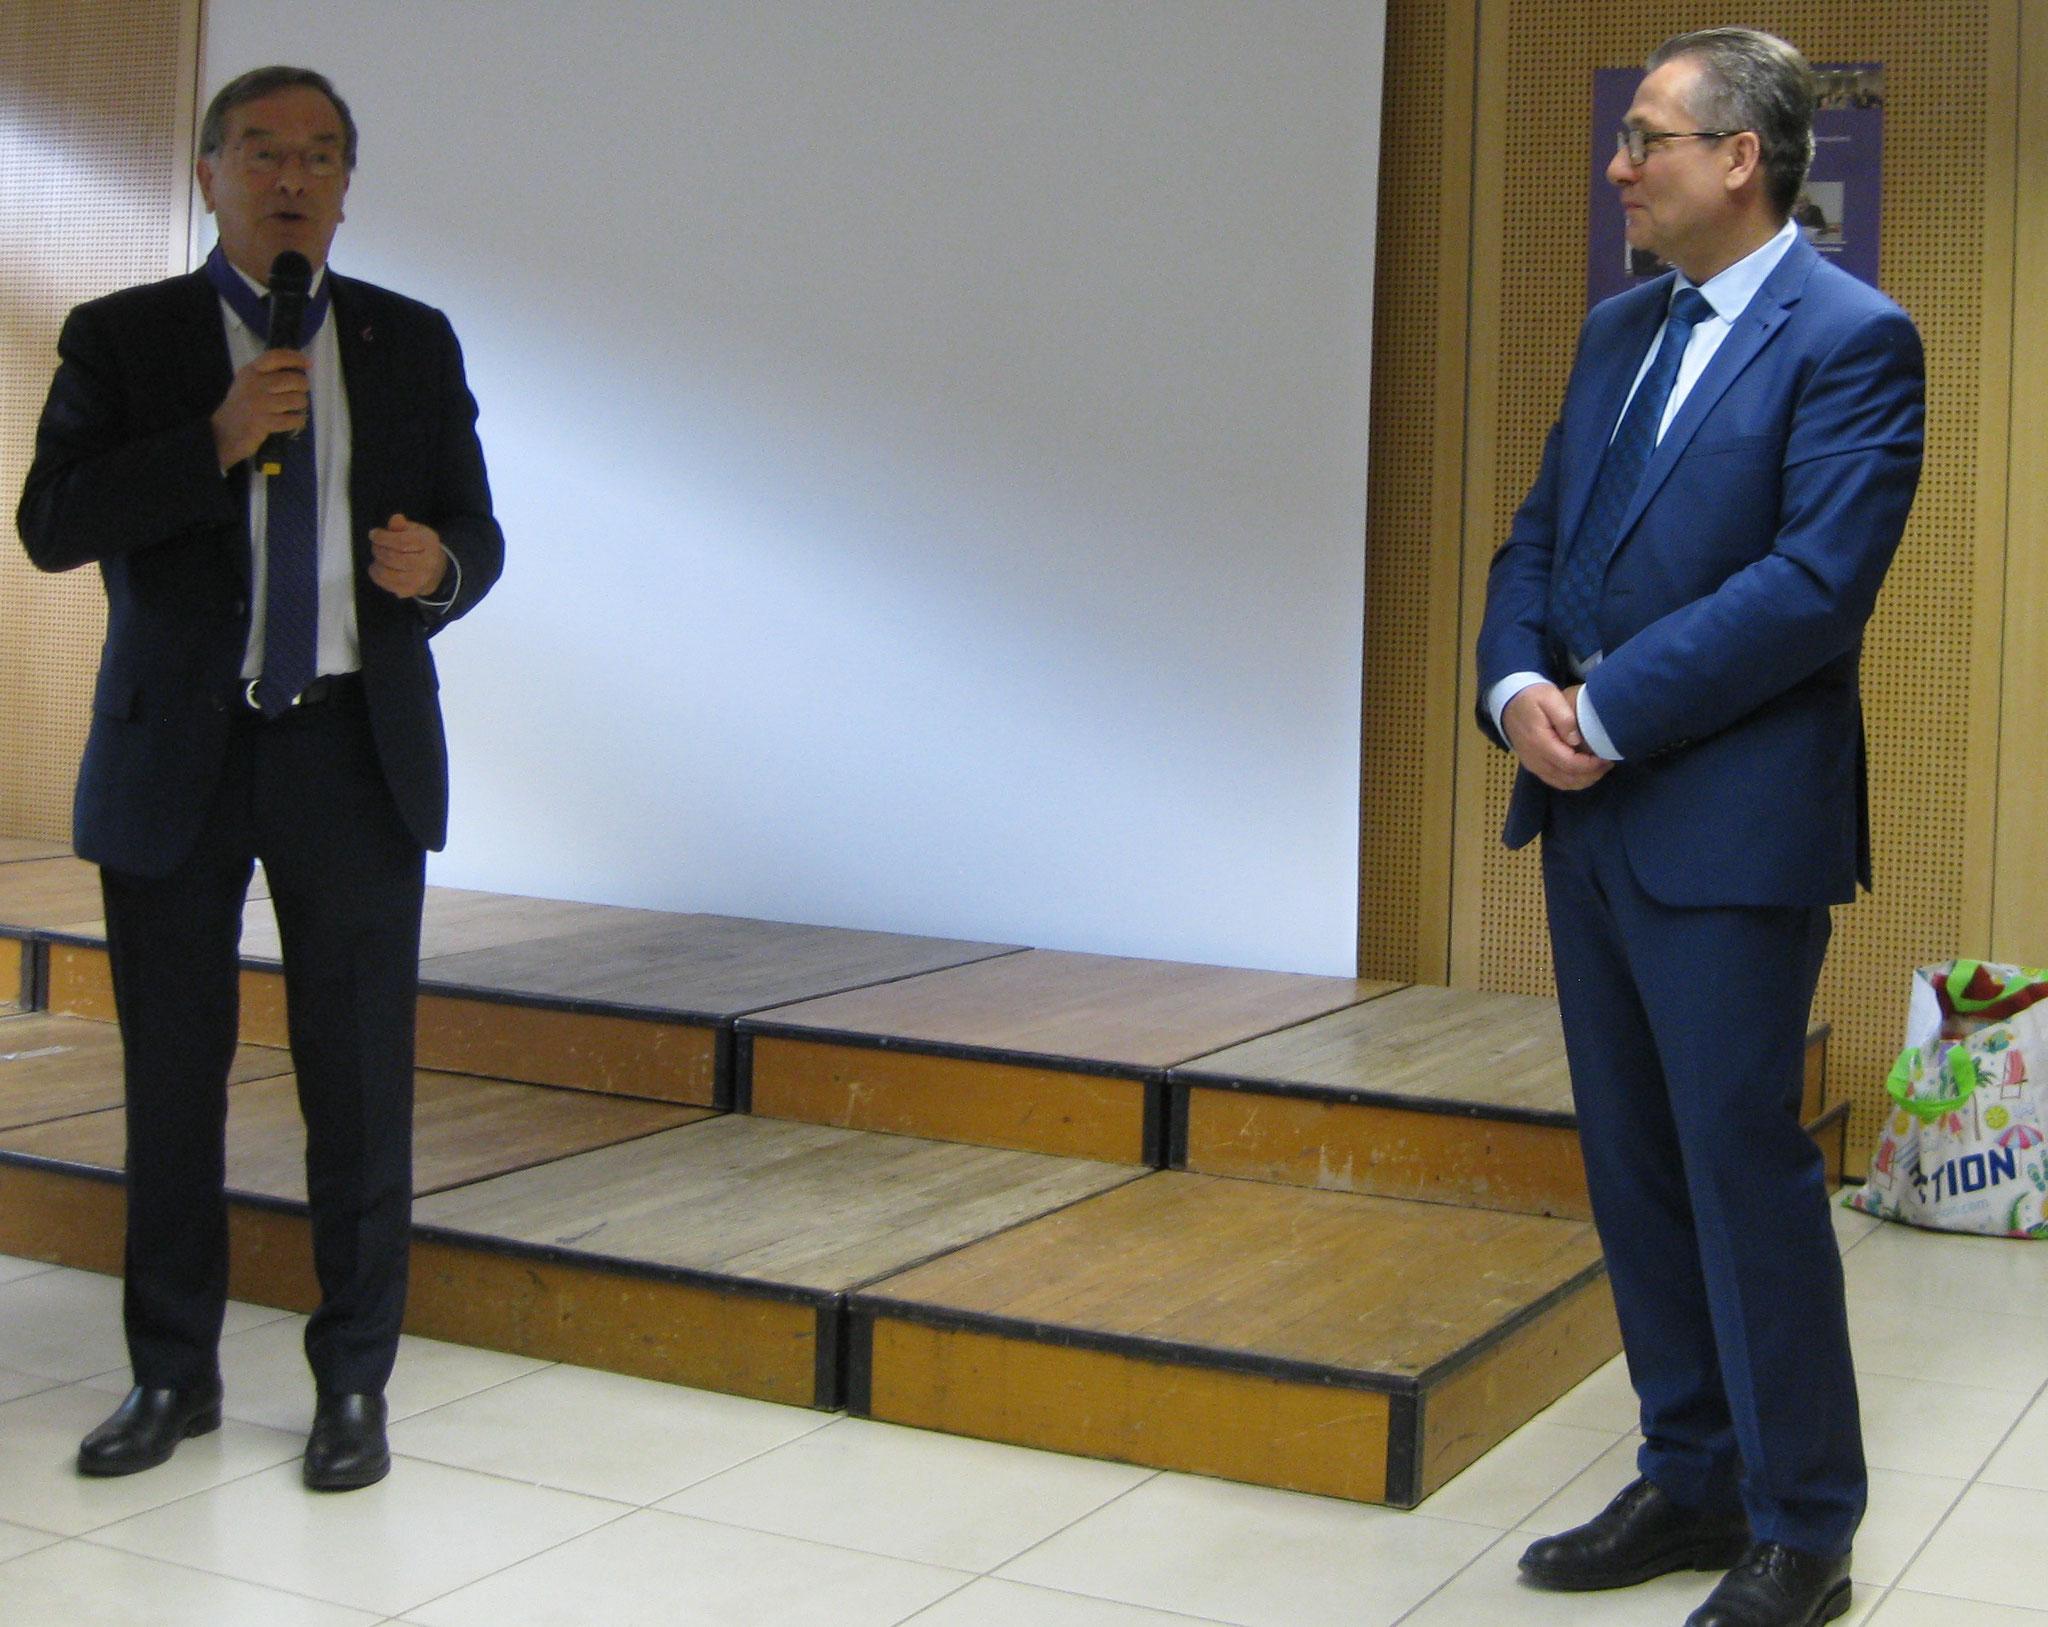 En présence de M. Polvent Président national de l'AMOPA.